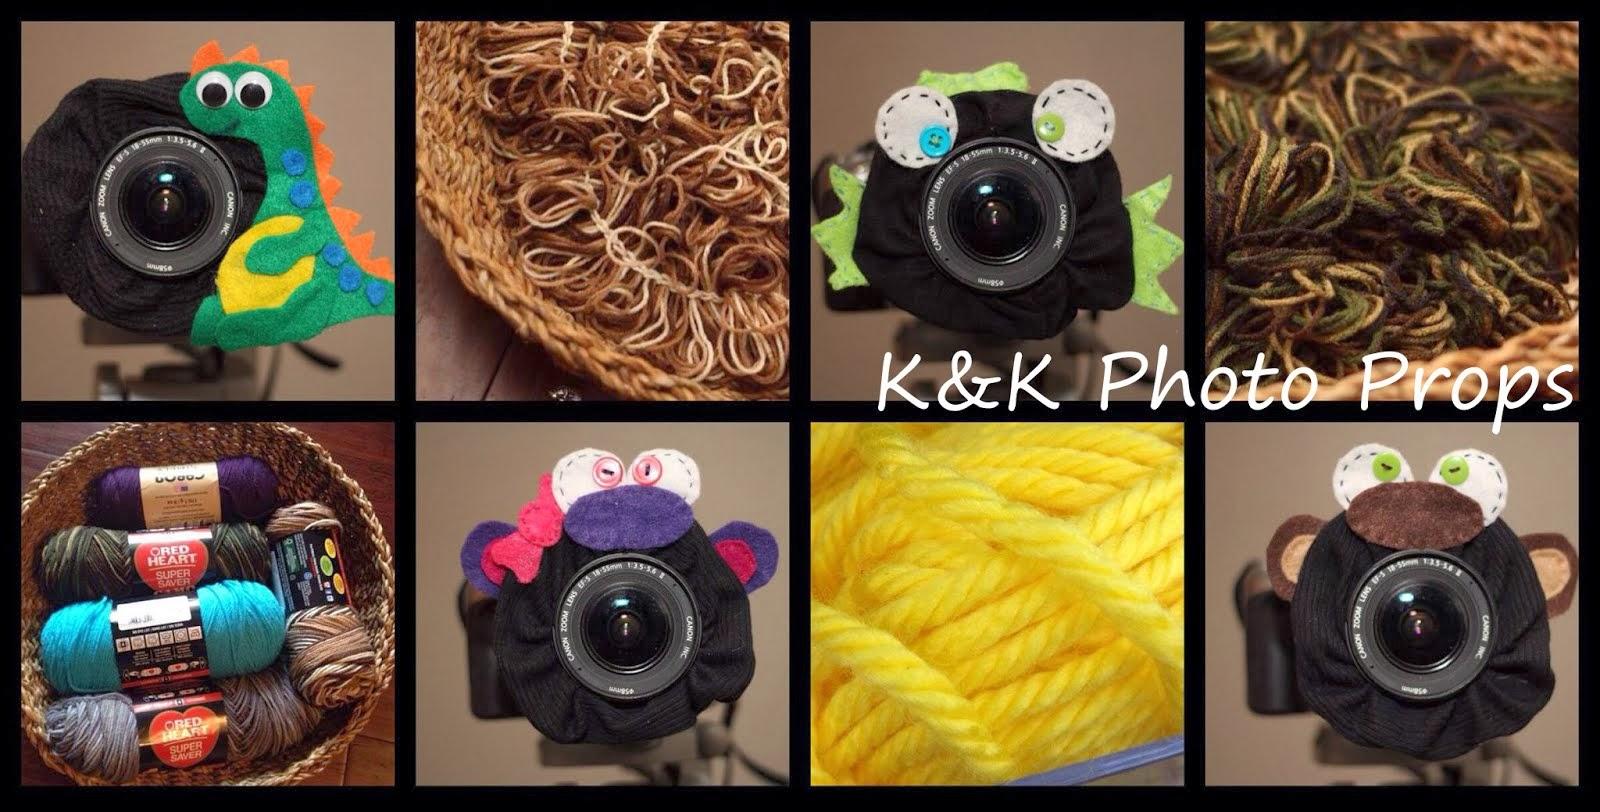 K&K Photo Props